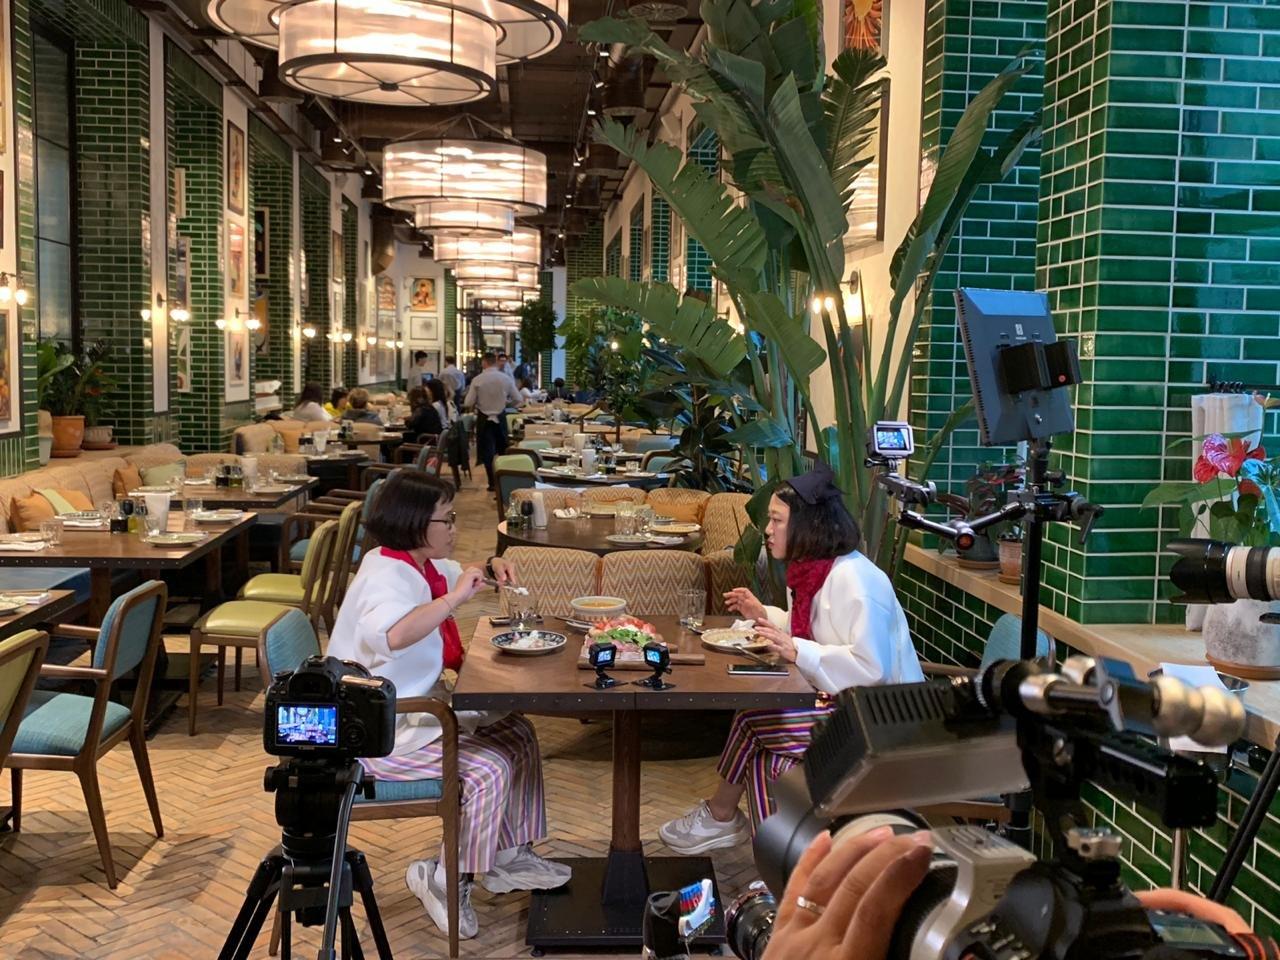 Cənubi Koreya telekanalında Bakı haqqında maraqlı veriliş - FOTO, fotoşəkil-6